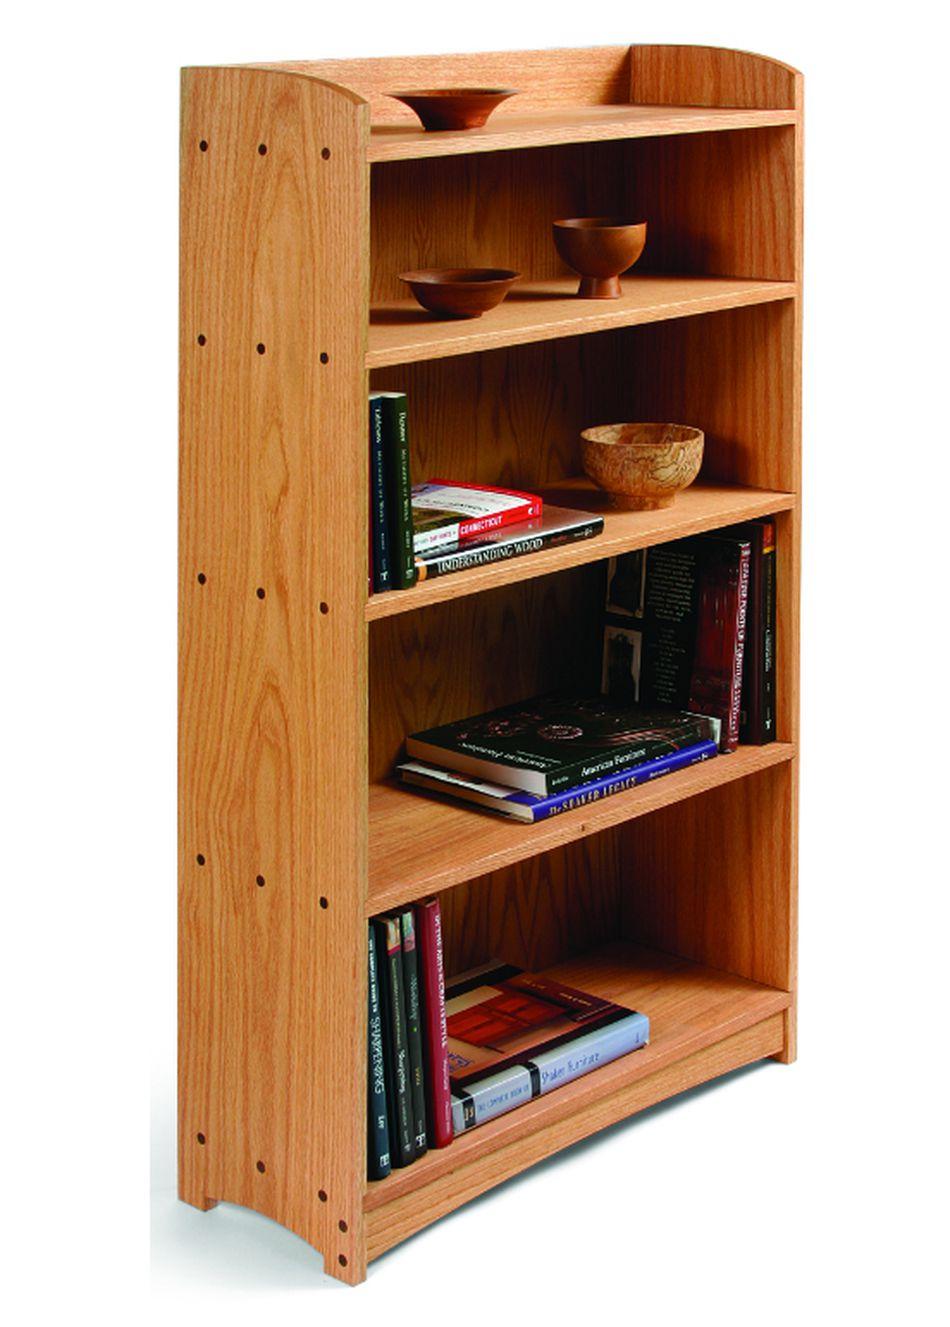 Oak Bookcase Plan From Start Woodworking